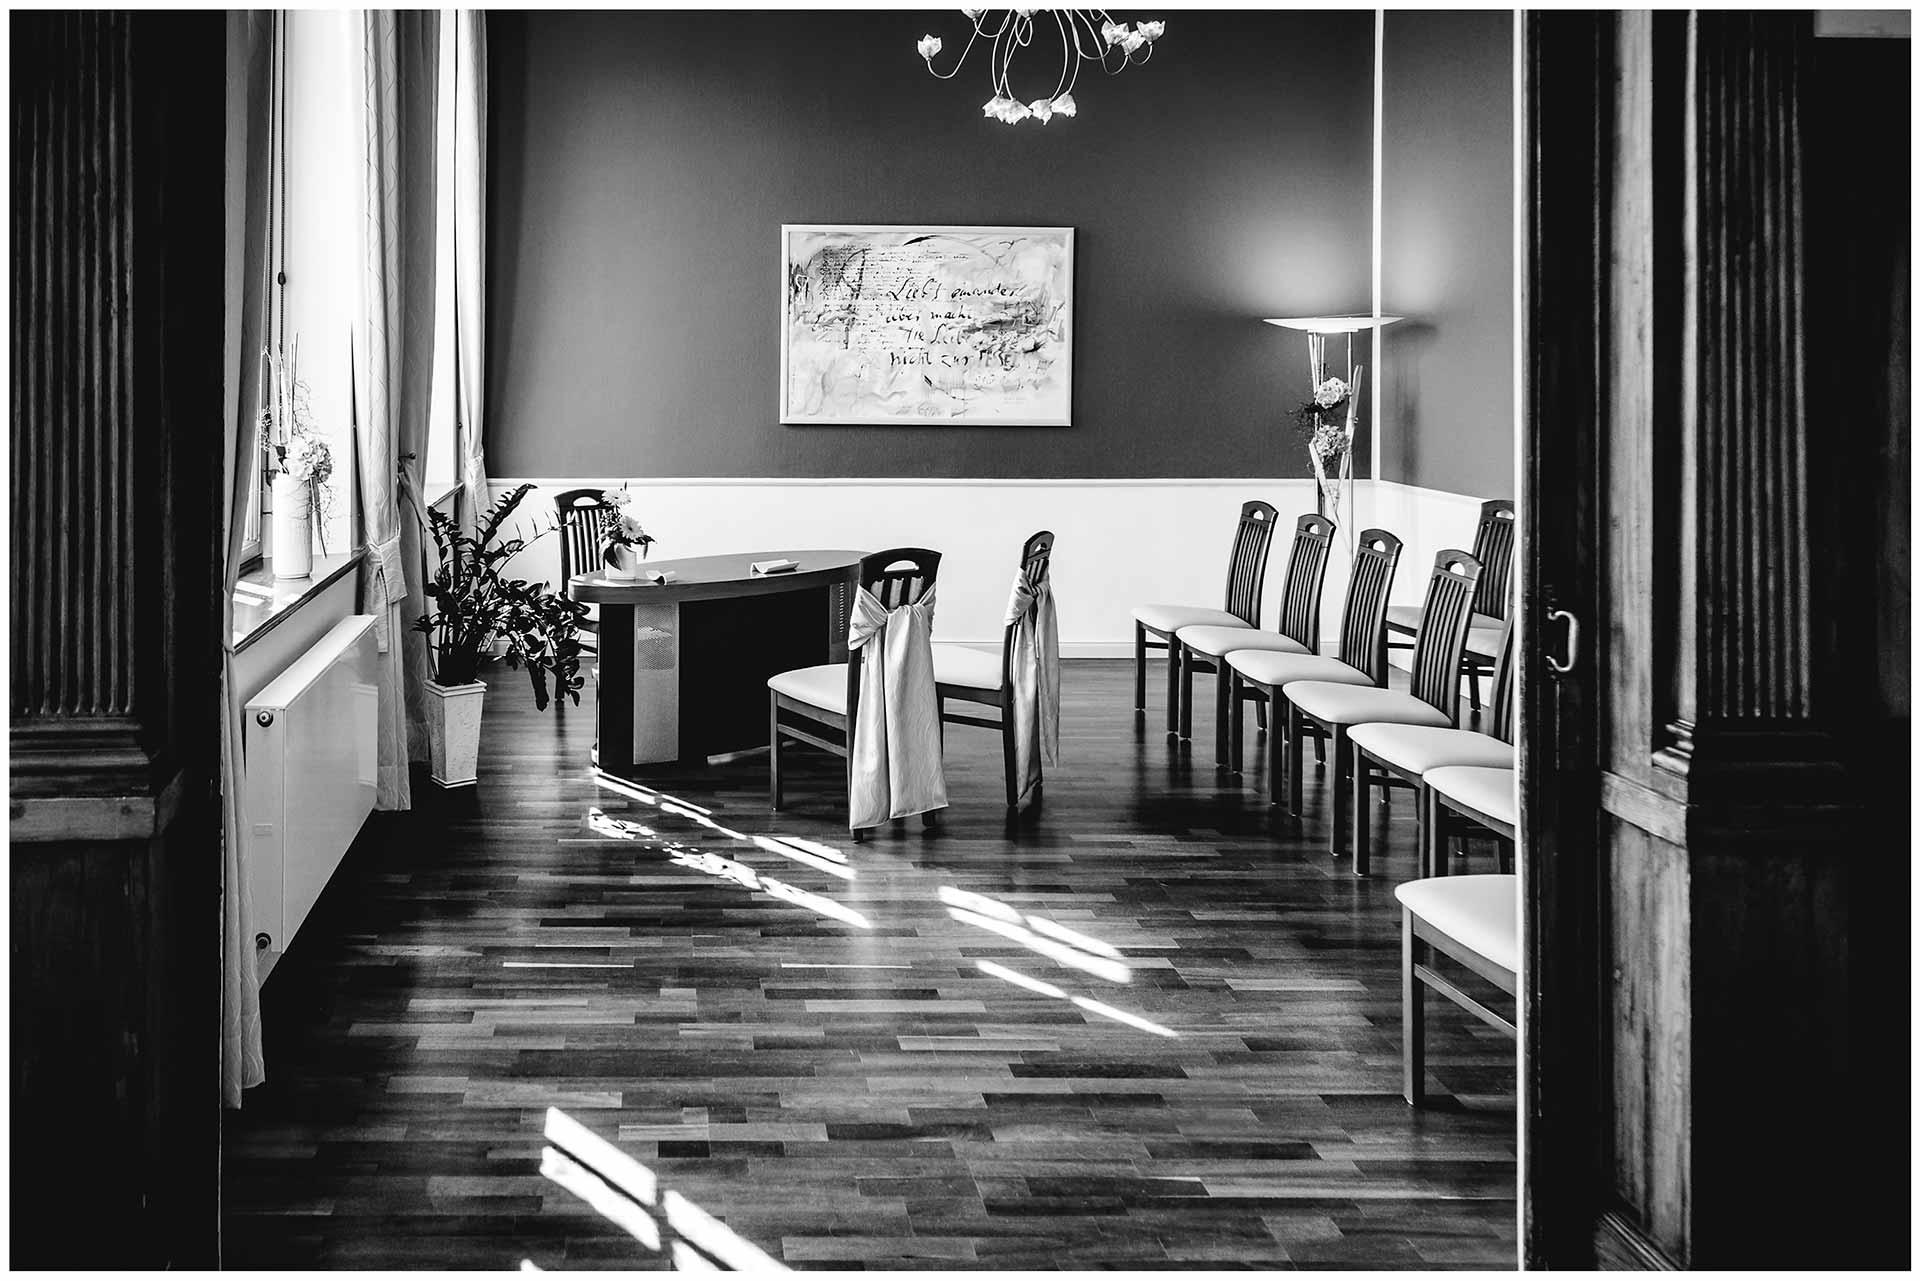 noch leerer Trausaal im Rathaus Teterow - Hochzeitsfotograf in Teterow